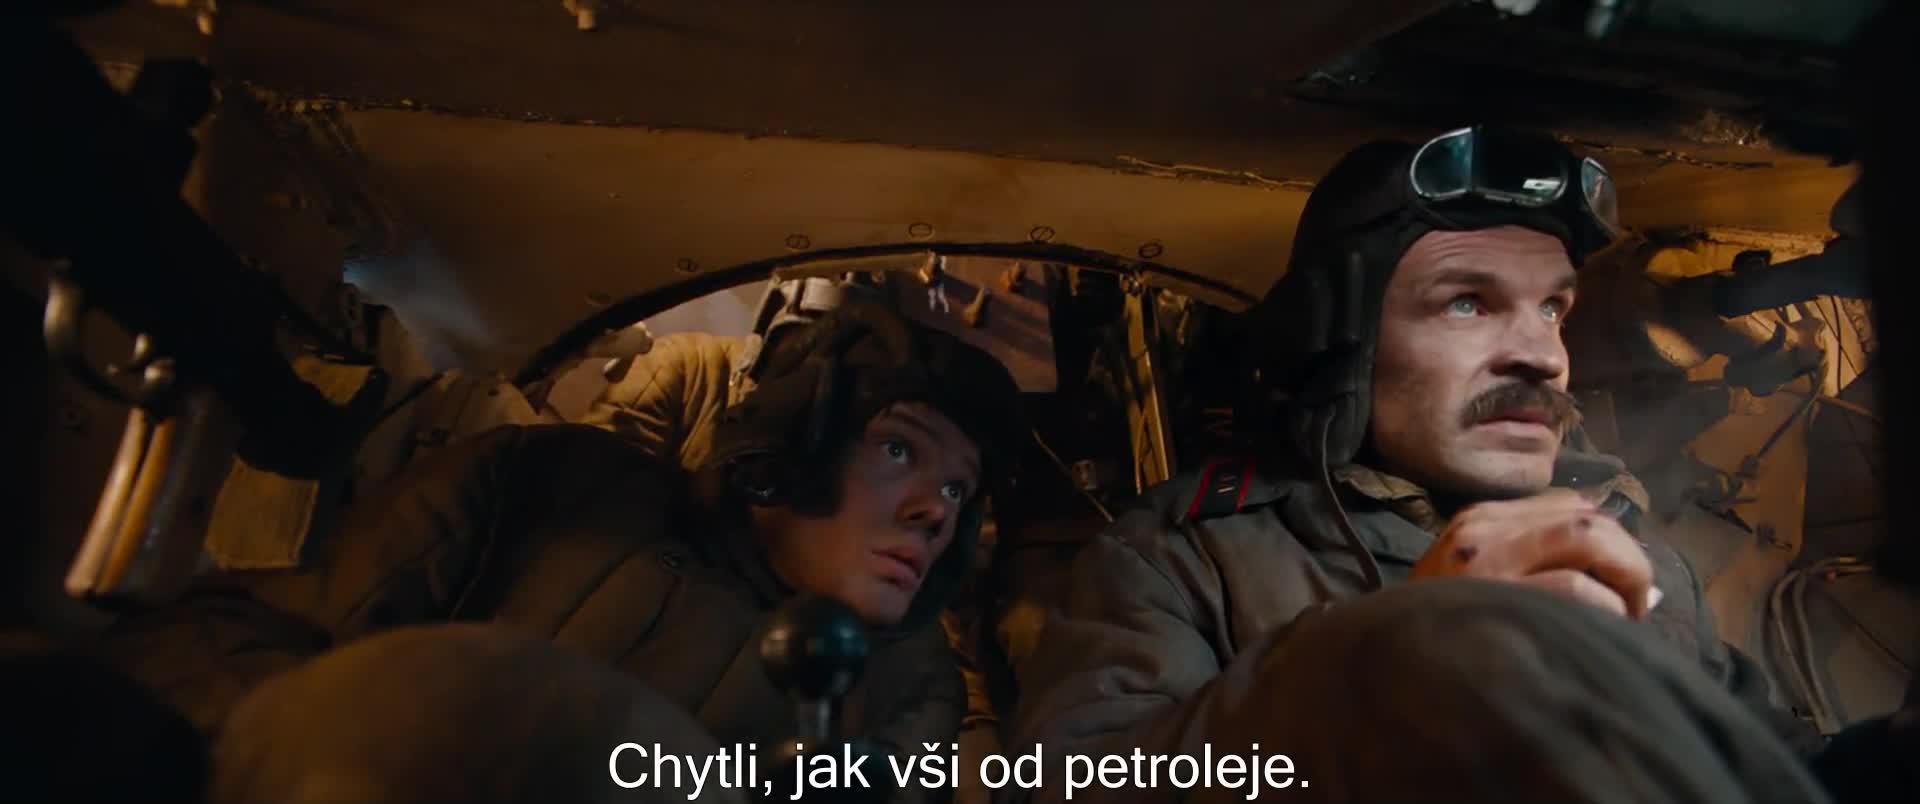 T 34  2018 CZ titulky Drama Valecny Historicky